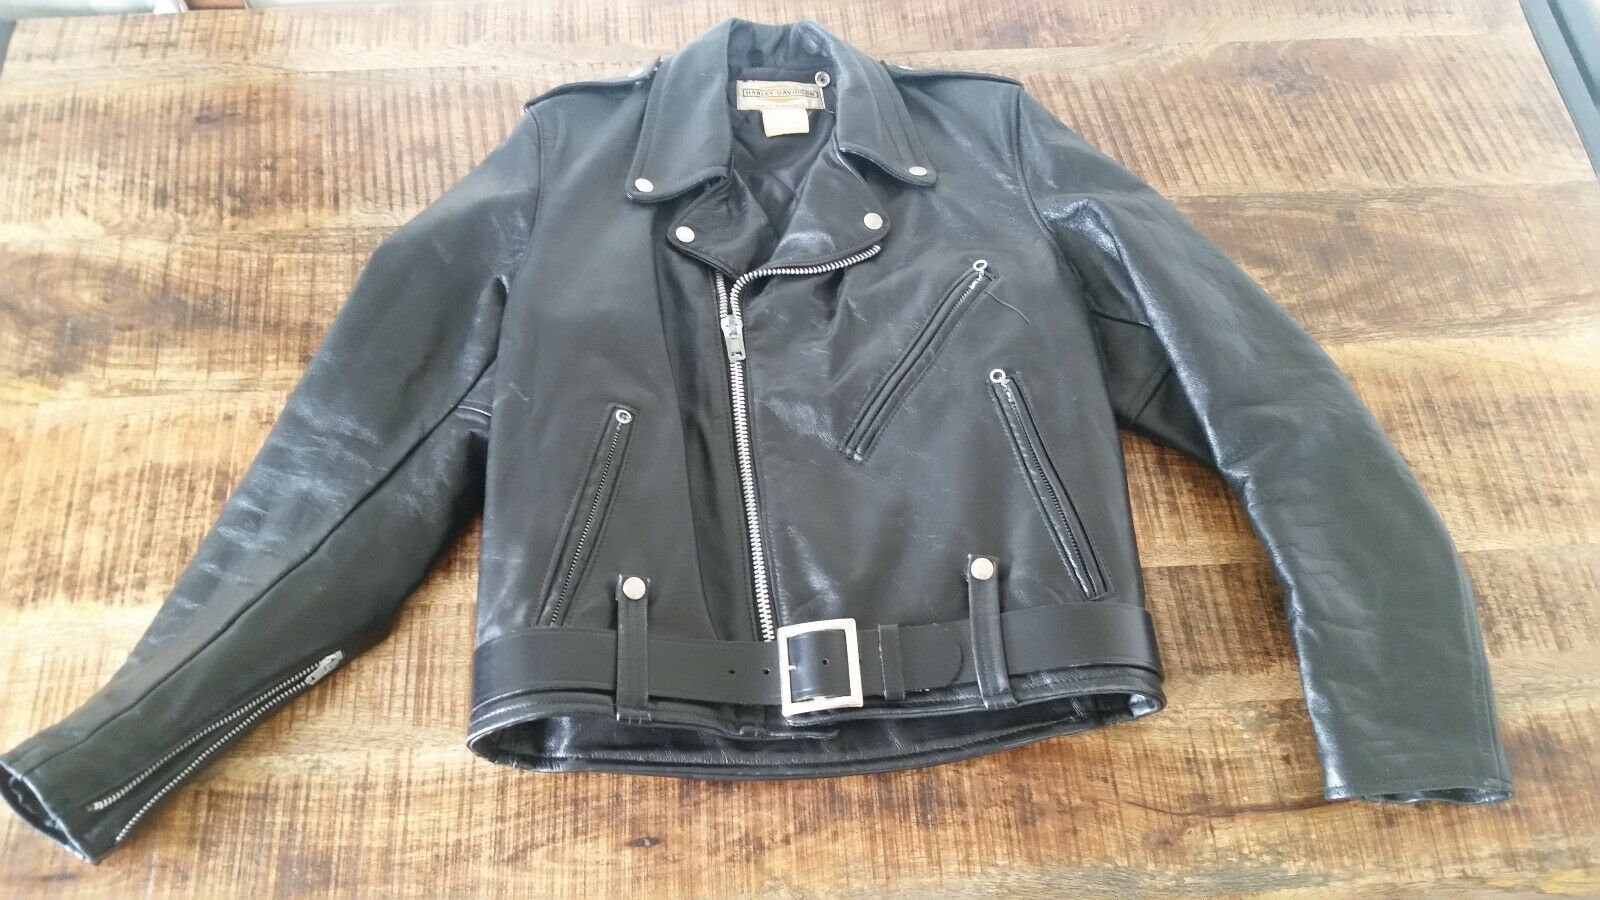 1960s – 70s Men's Ties | Skinny Ties, Slim Ties Mens Vintage 1960s Black Steerhide Harley-Davidson Motorcycle Biker Jacket Size-42 $40.00 AT vintagedancer.com